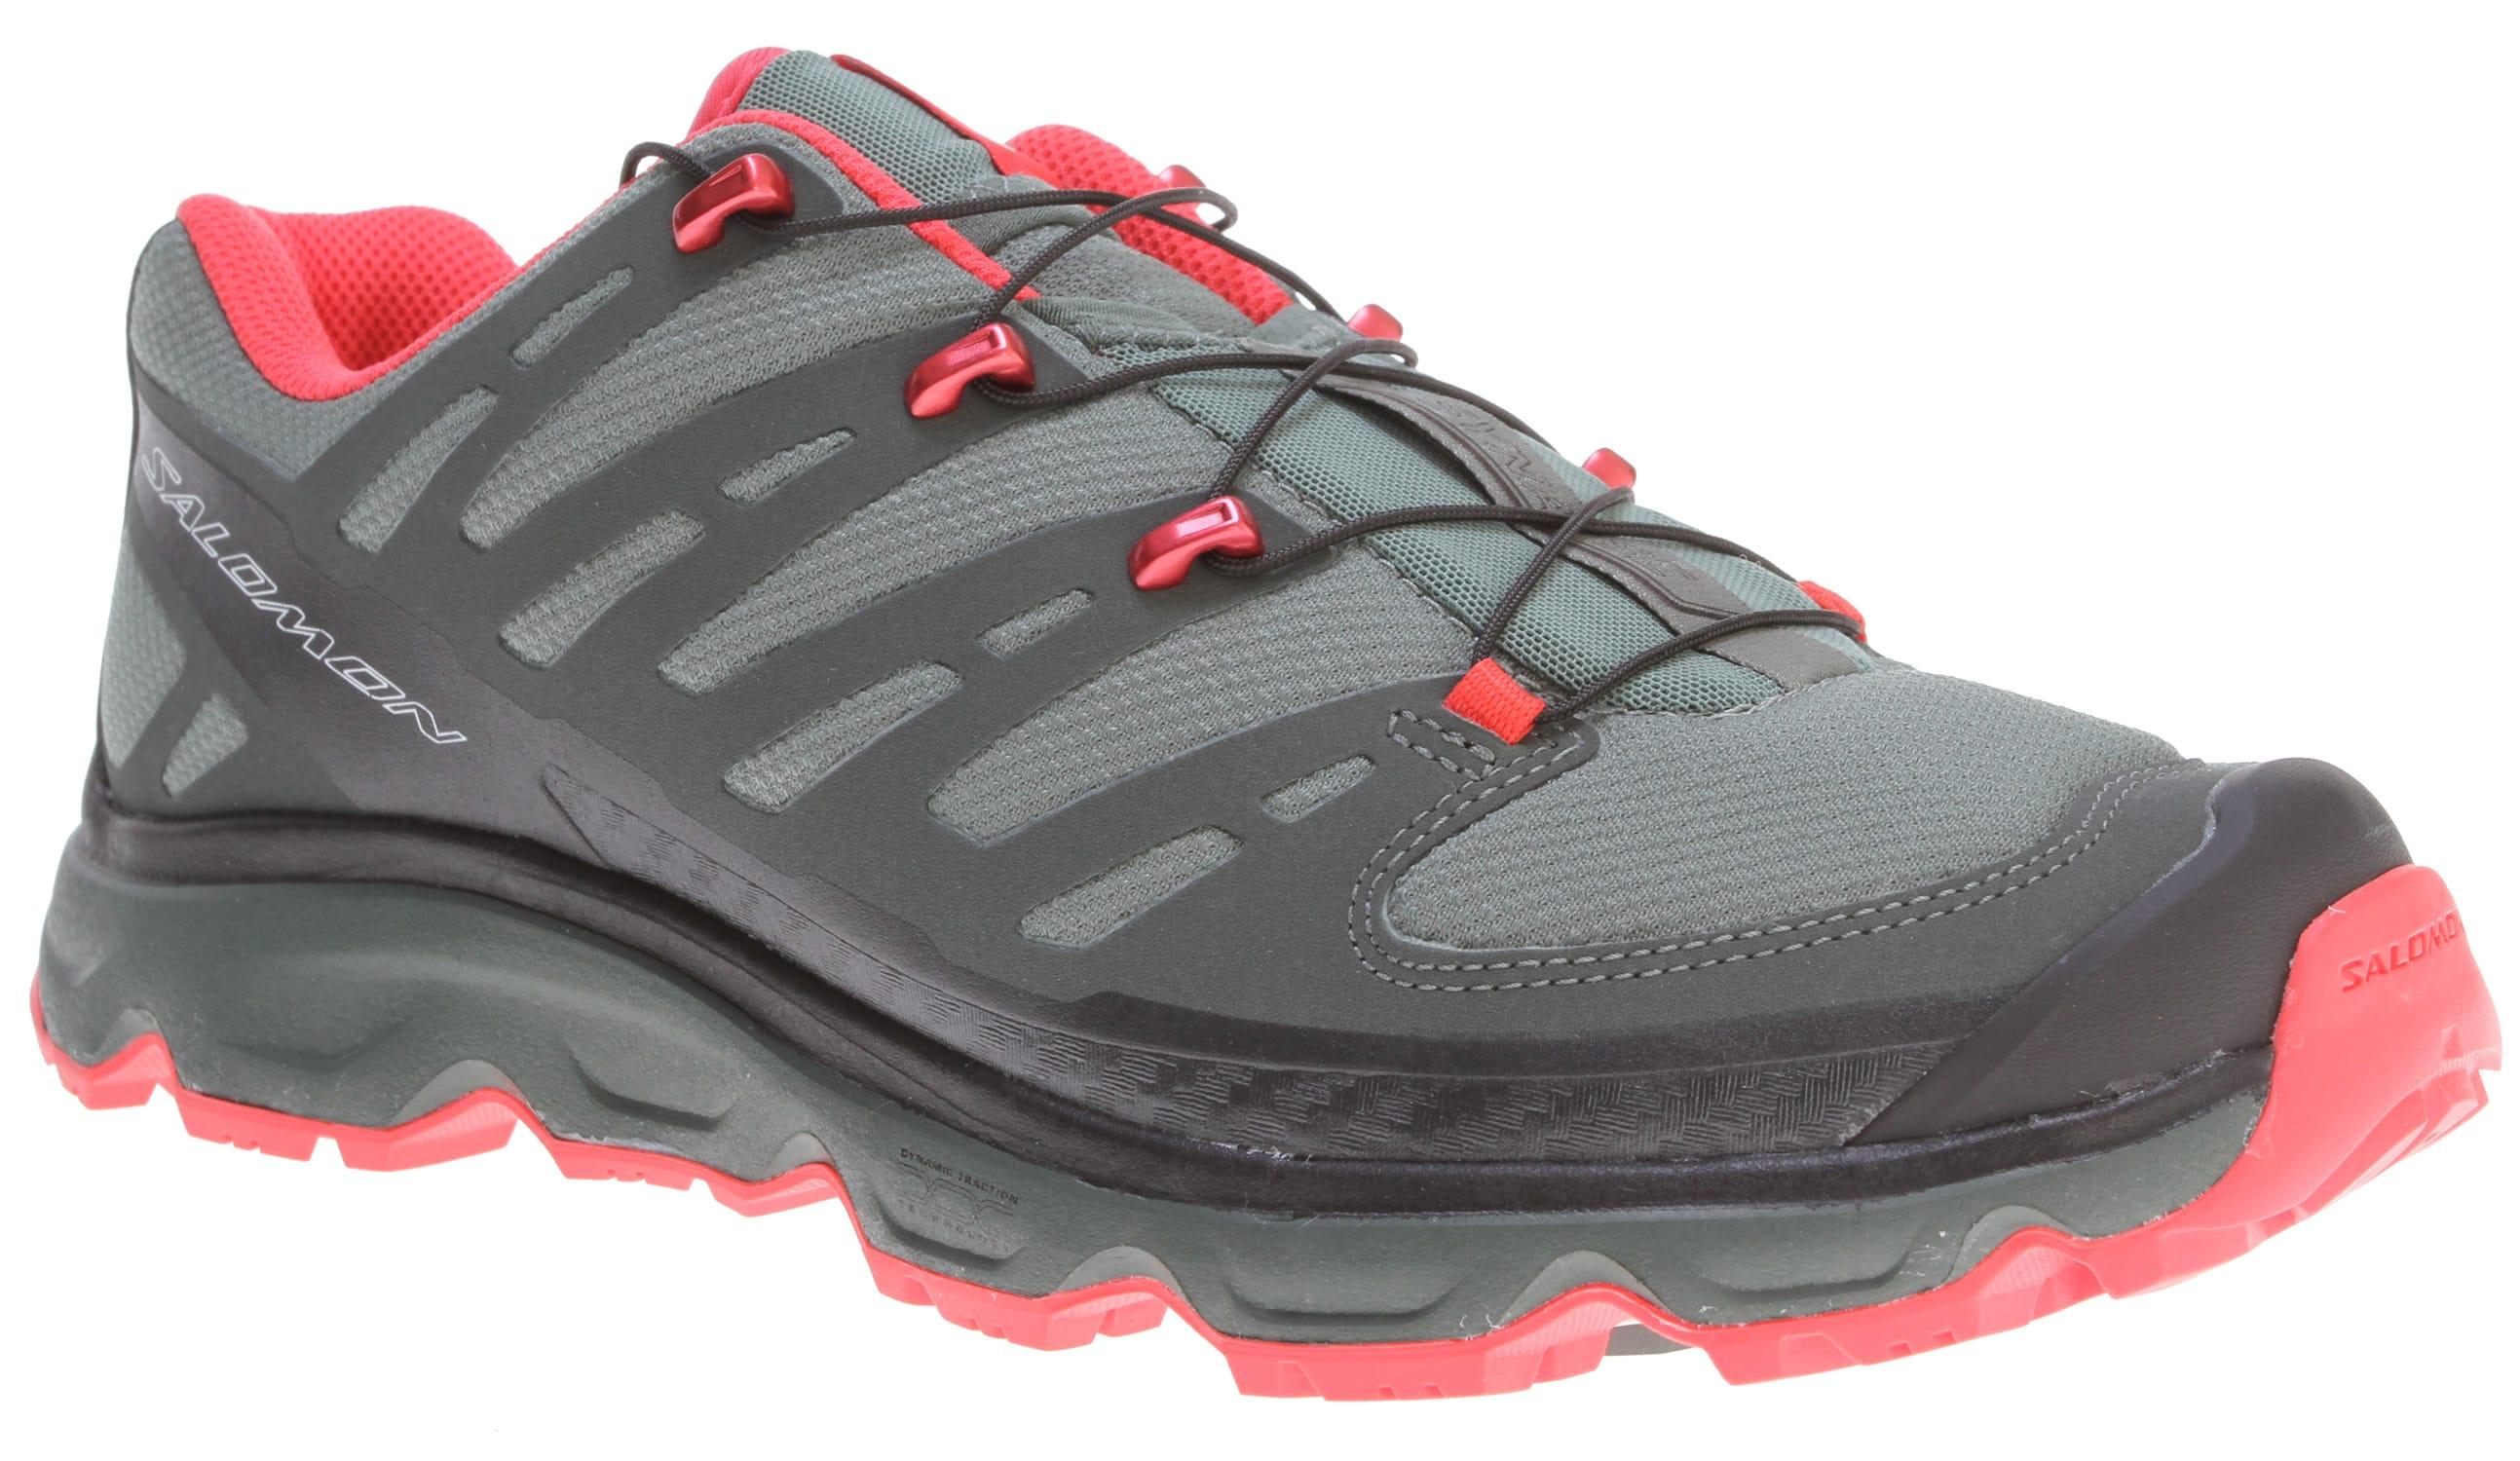 Salomon Hiking Shoes Sizing